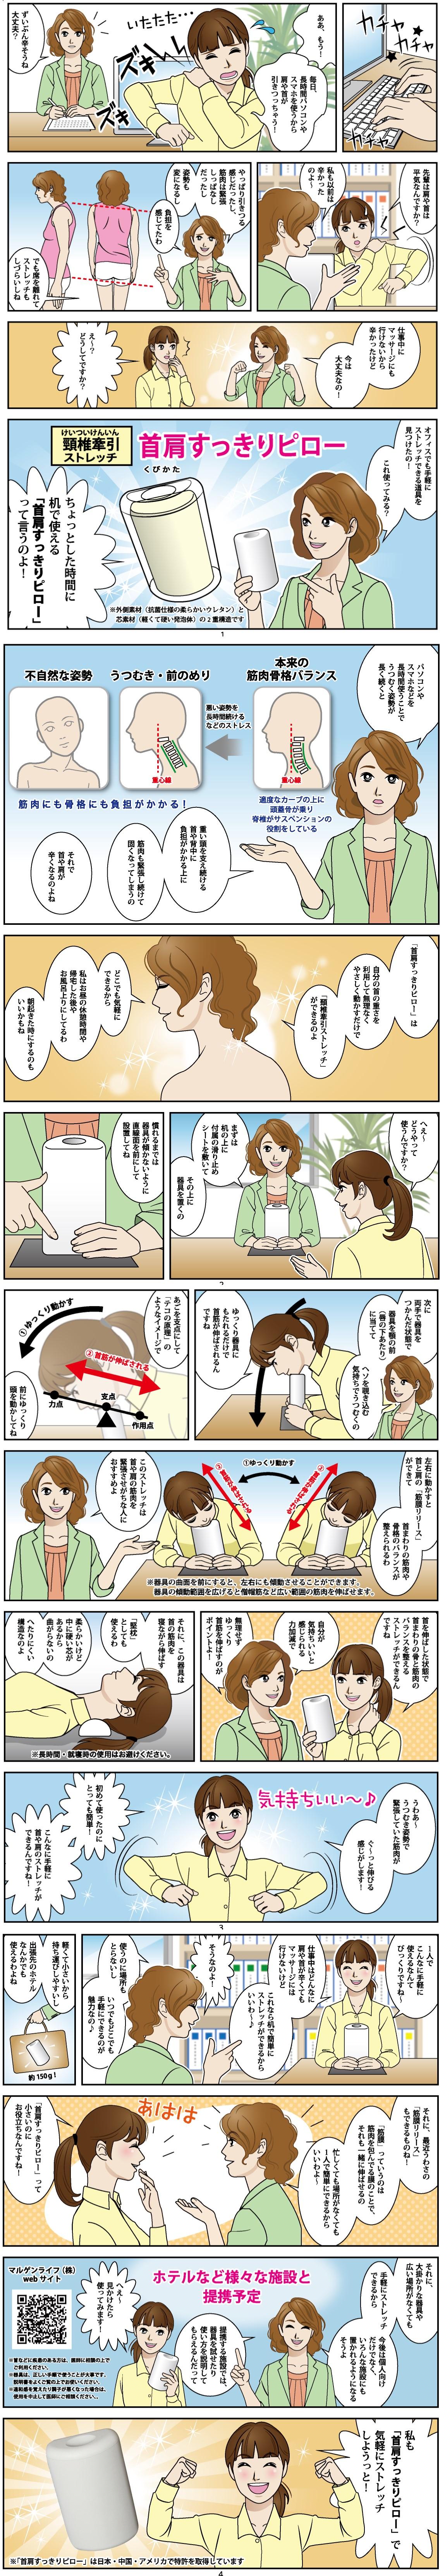 マンガ解説